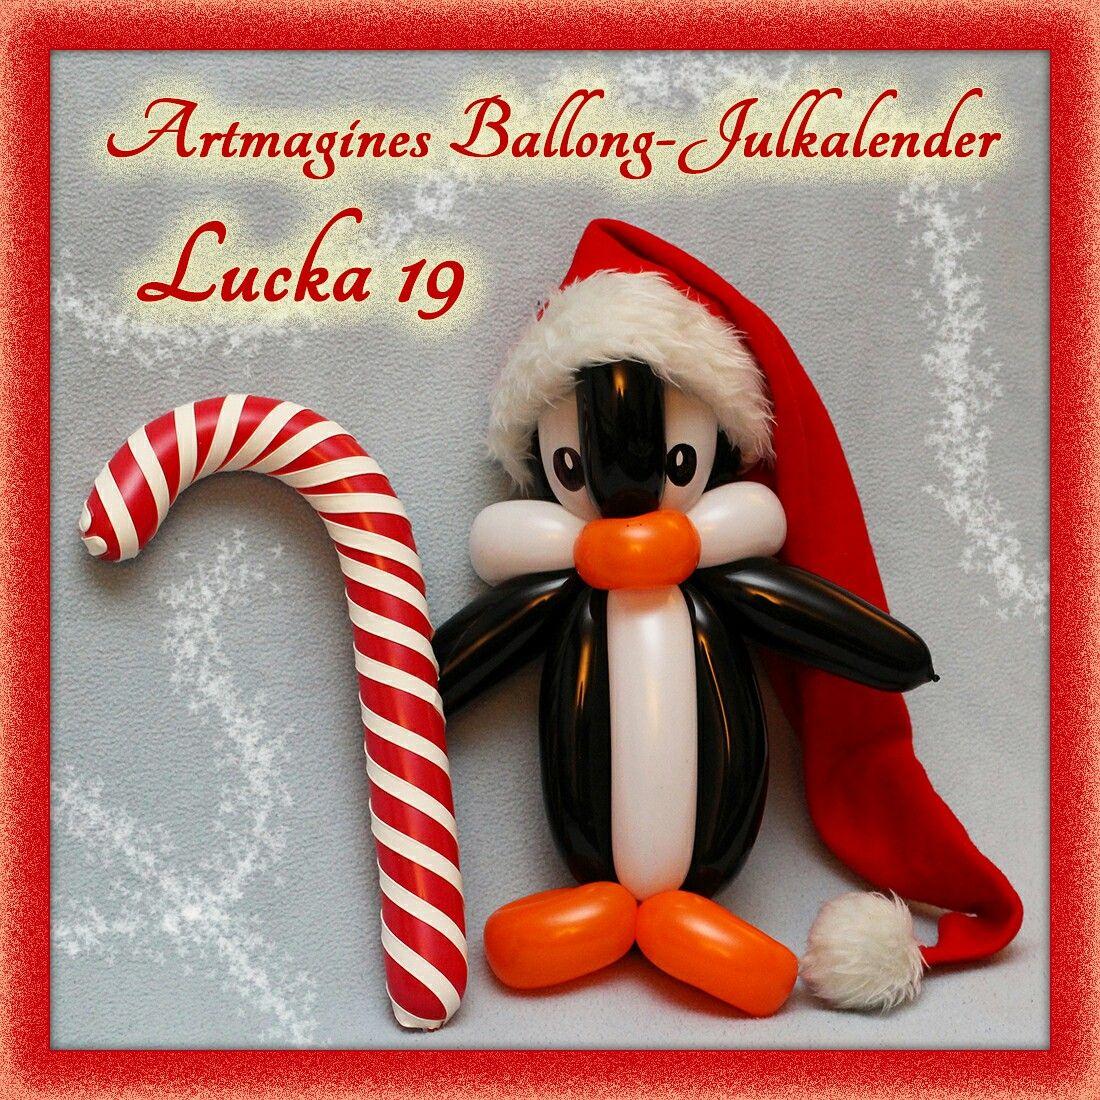 Artmagines Ballong-Julkalender Lucka 19: Ballong-pingvinen raskar över isen, smaskande på sin ballong-polkagris. Vi gör en ny ballong-kreation varje dag fram till jul!